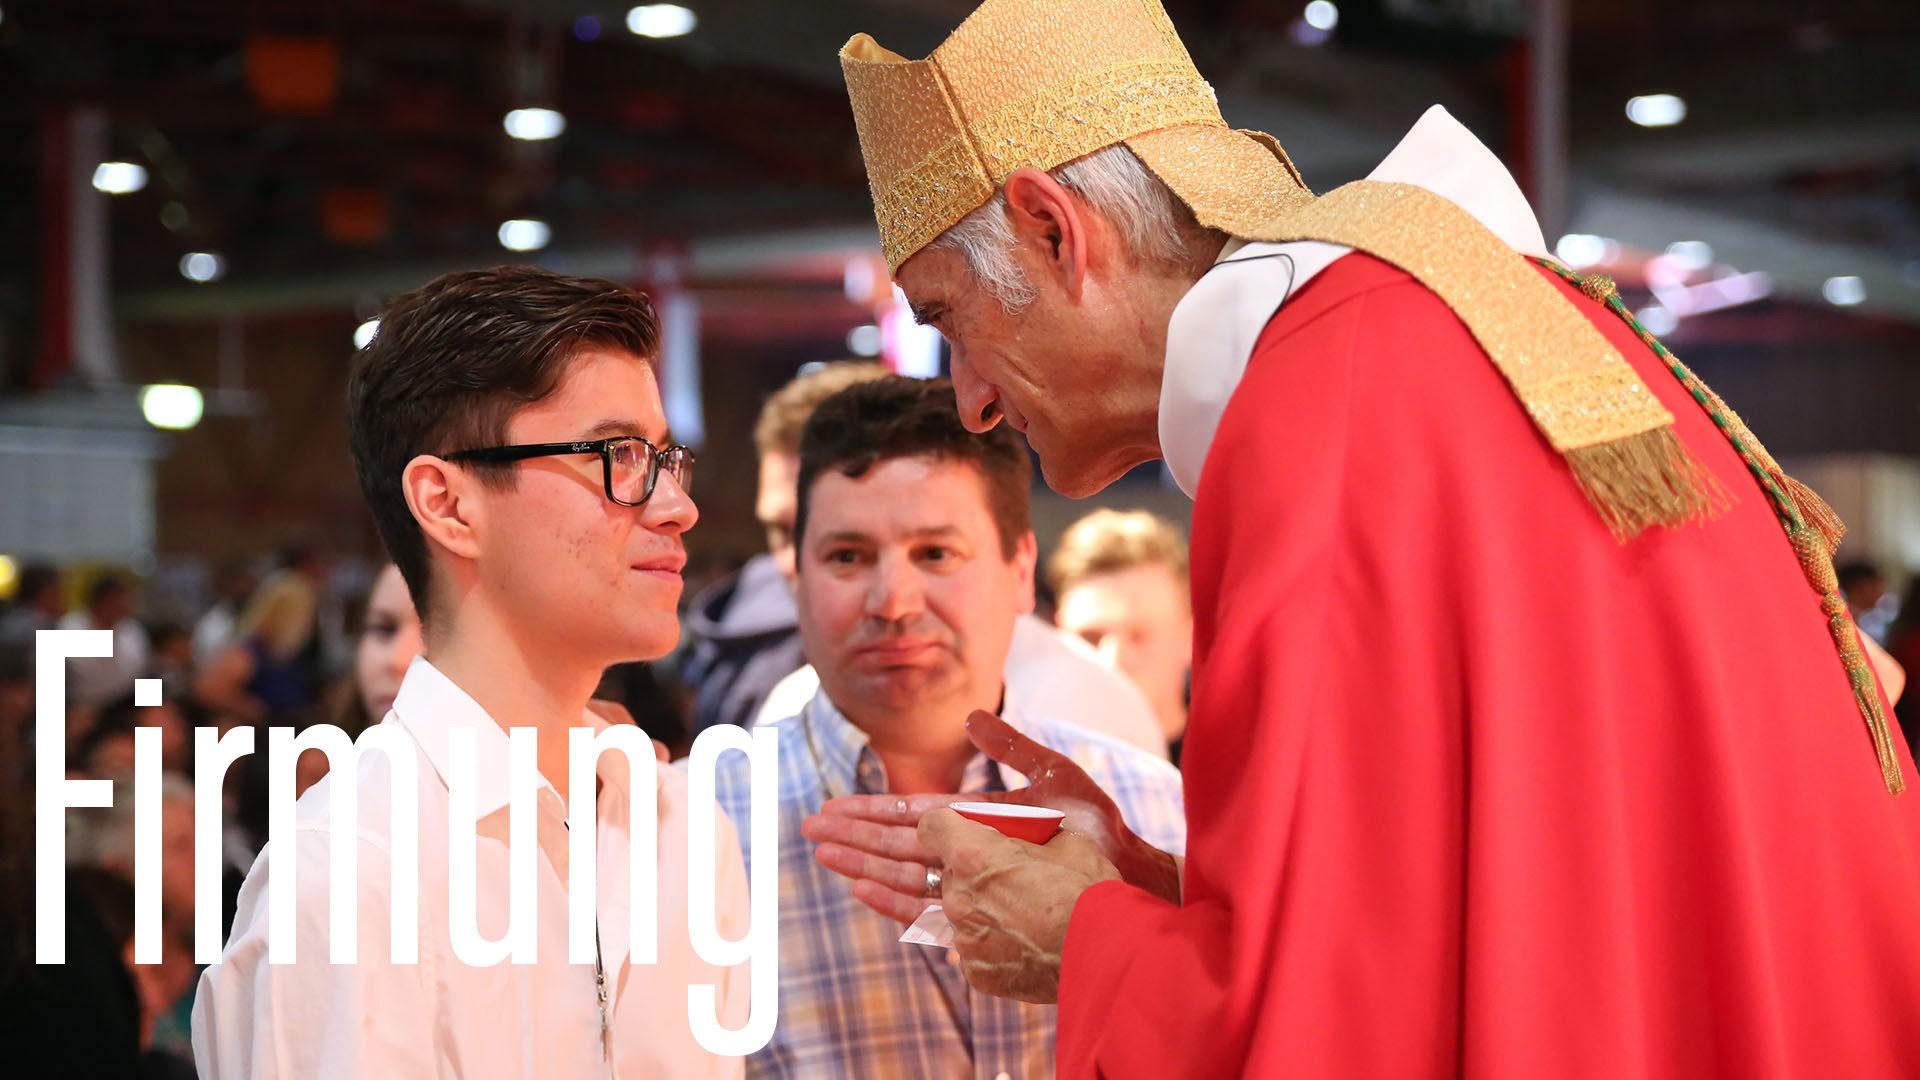 schwulen ehe katholische kirche